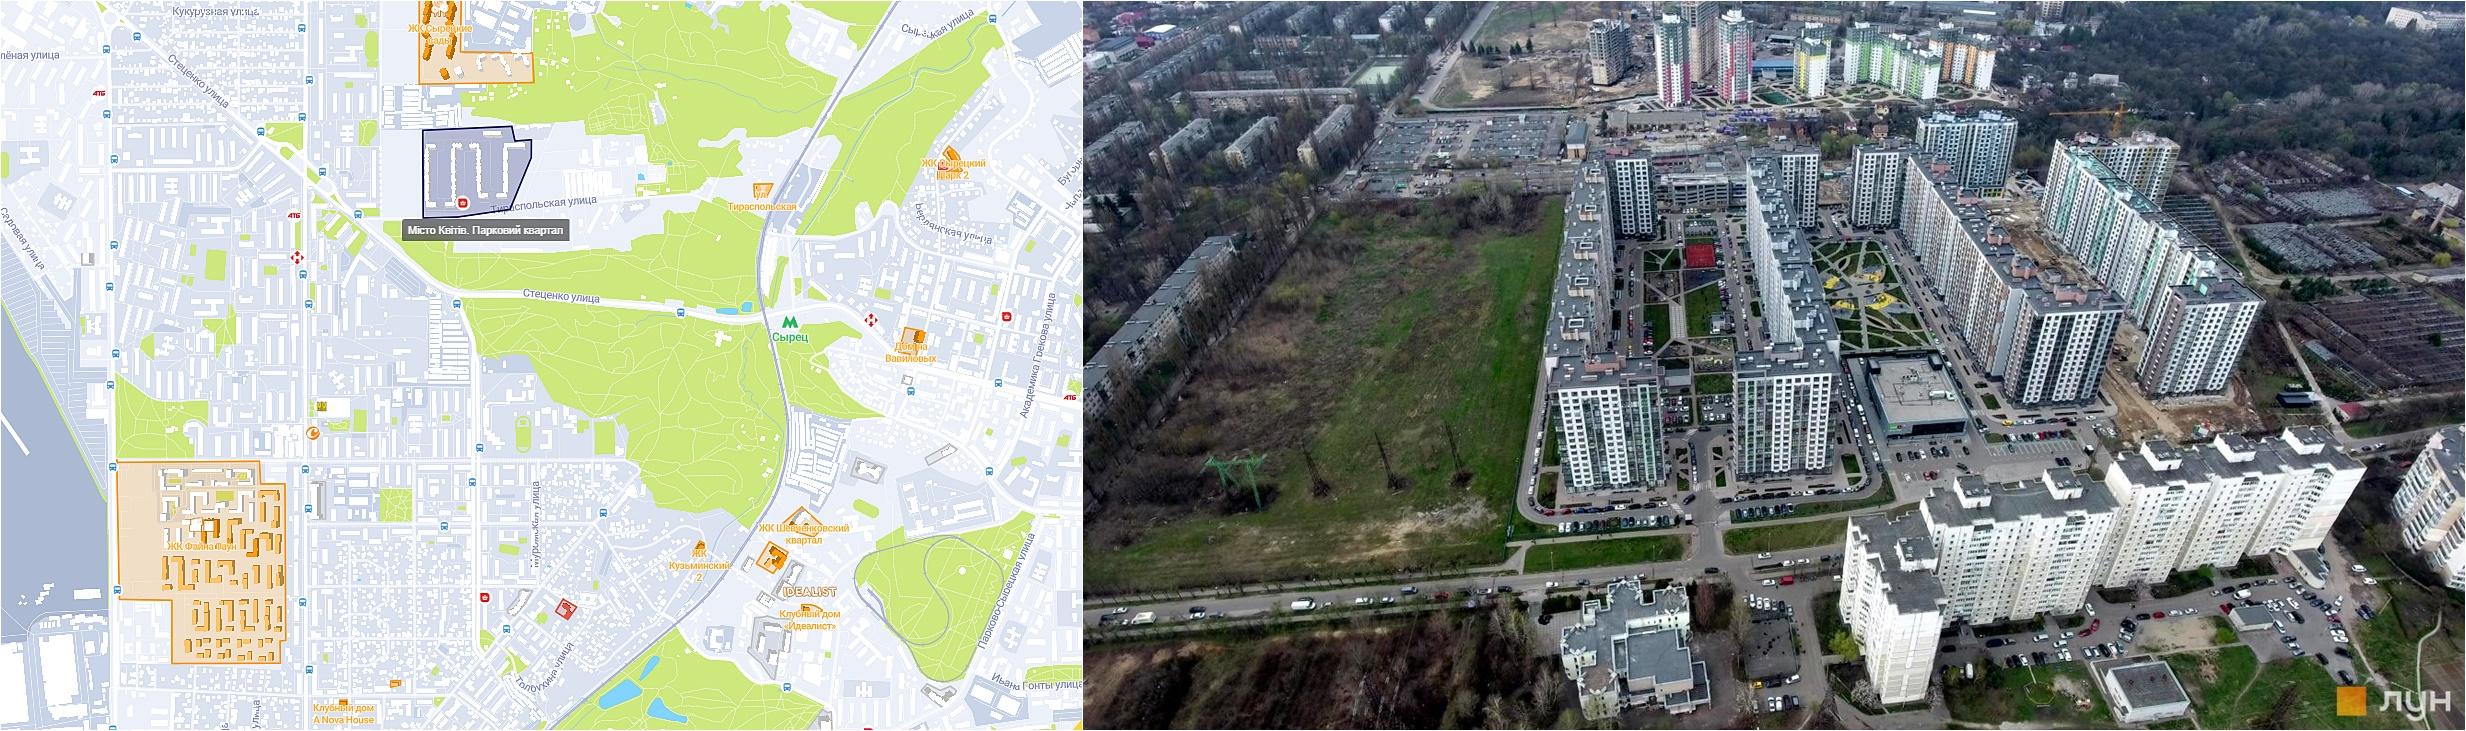 ЖК Город цветов. Парковый квартал на карте и аэрооблет